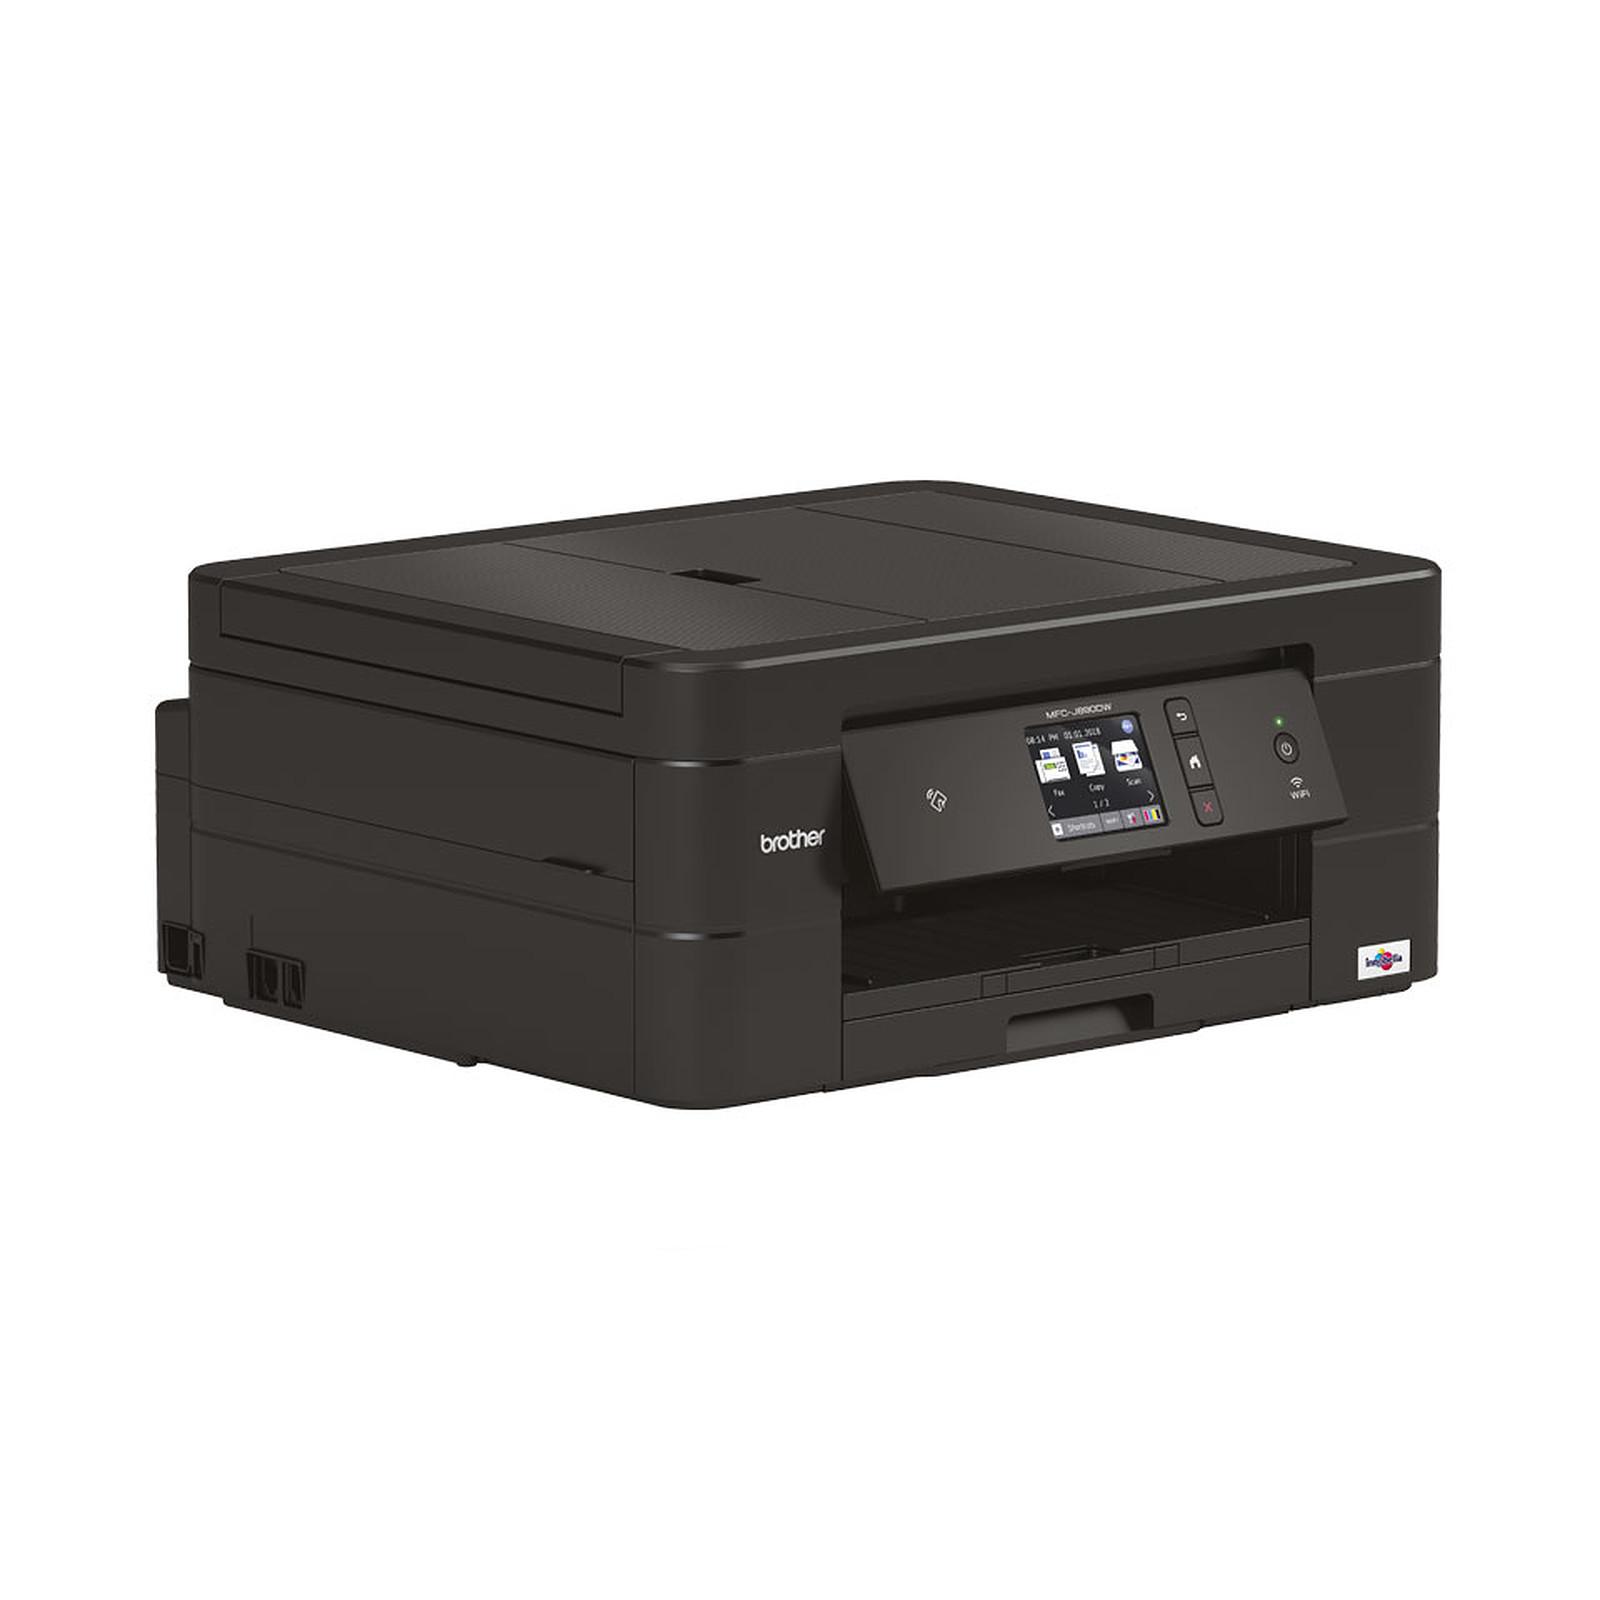 Imprimante multifonction Brother MFC-J890DW - Cybertek.fr - 1